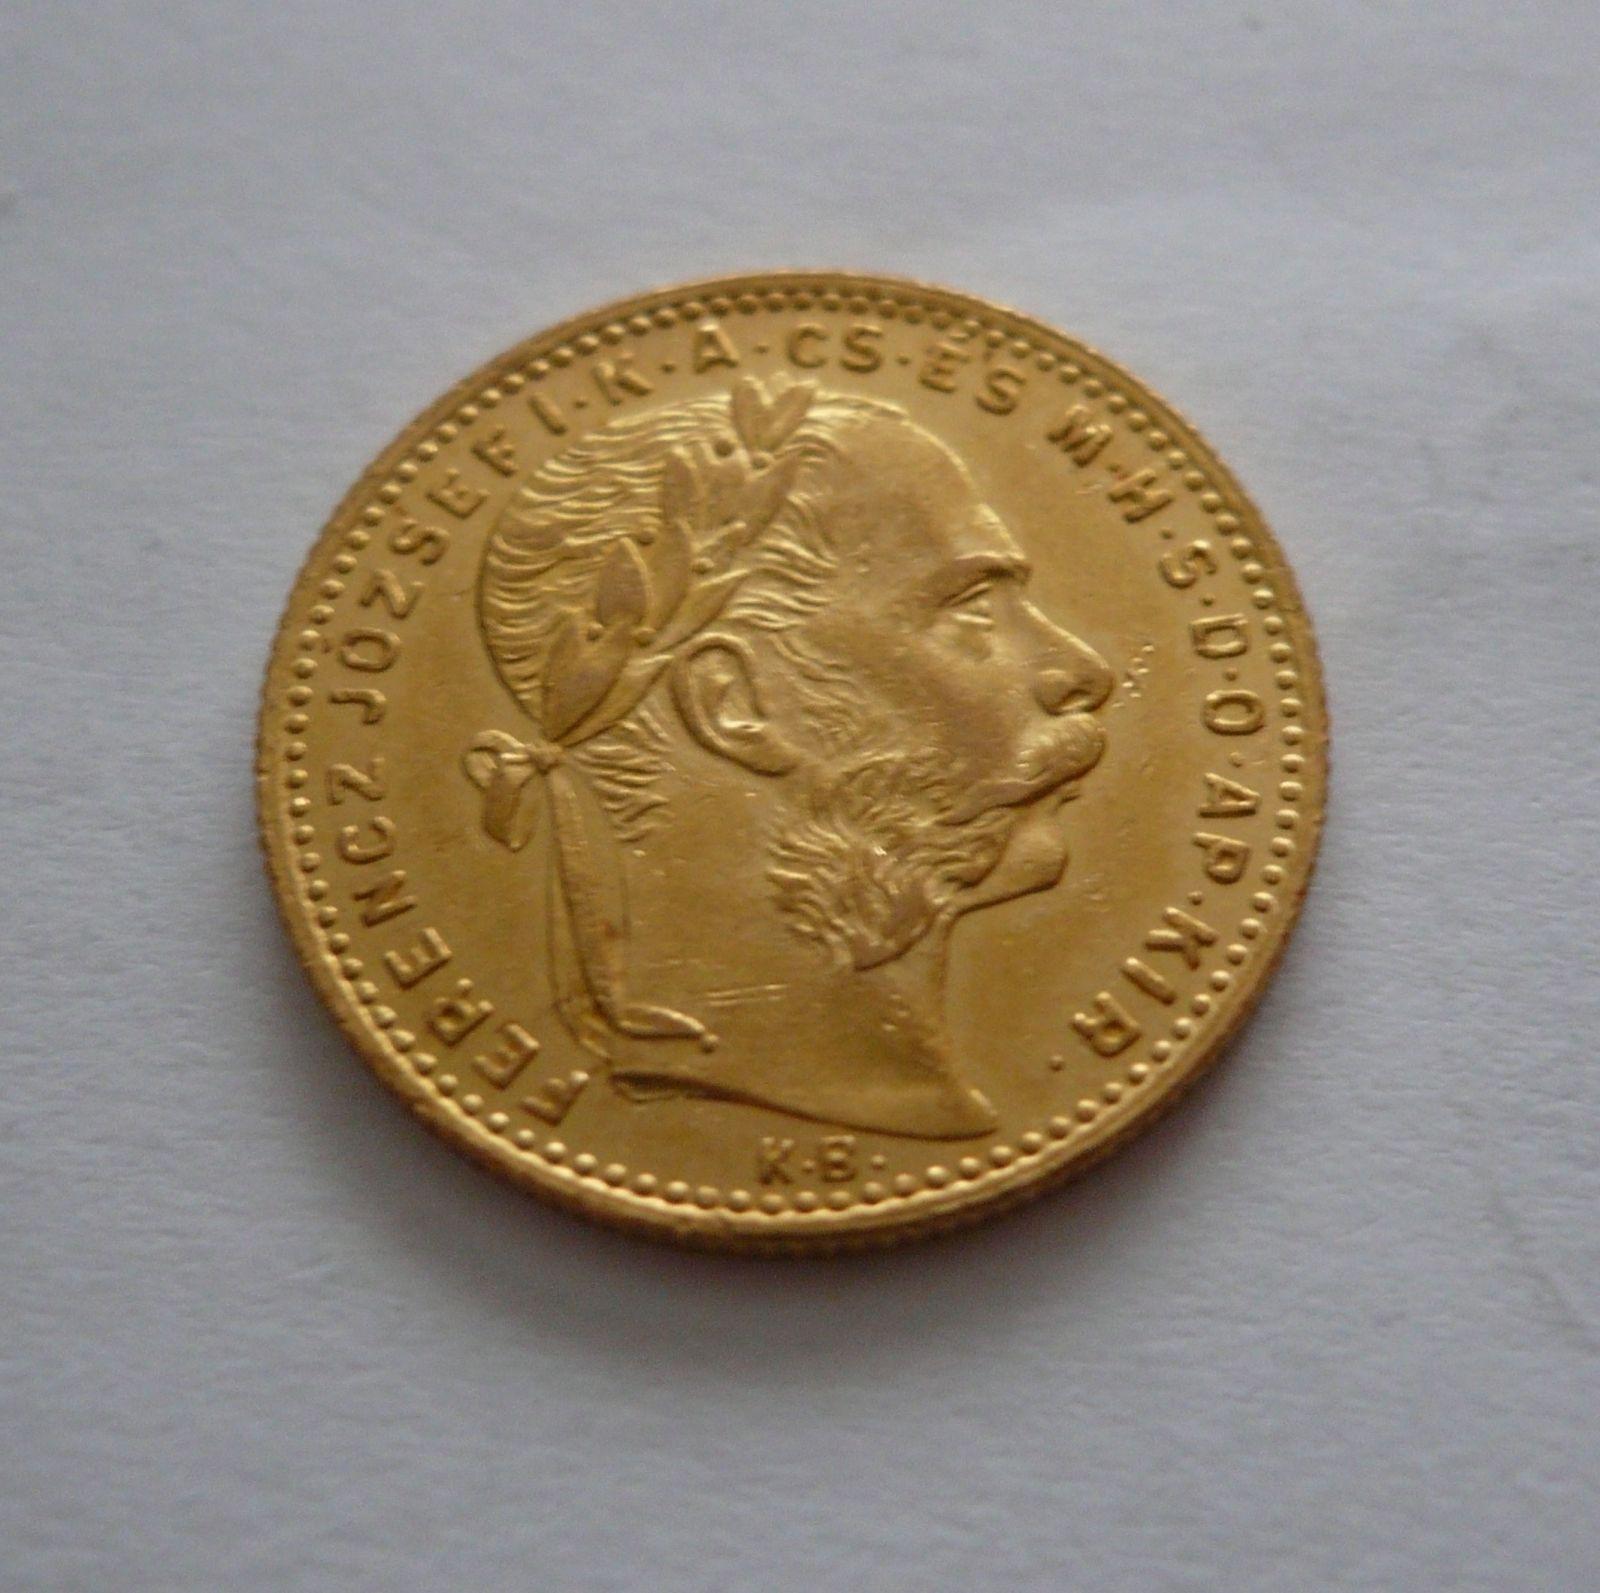 8 Zlatník/Gulden(1887-ražba KB, Au 900, 6,45g)